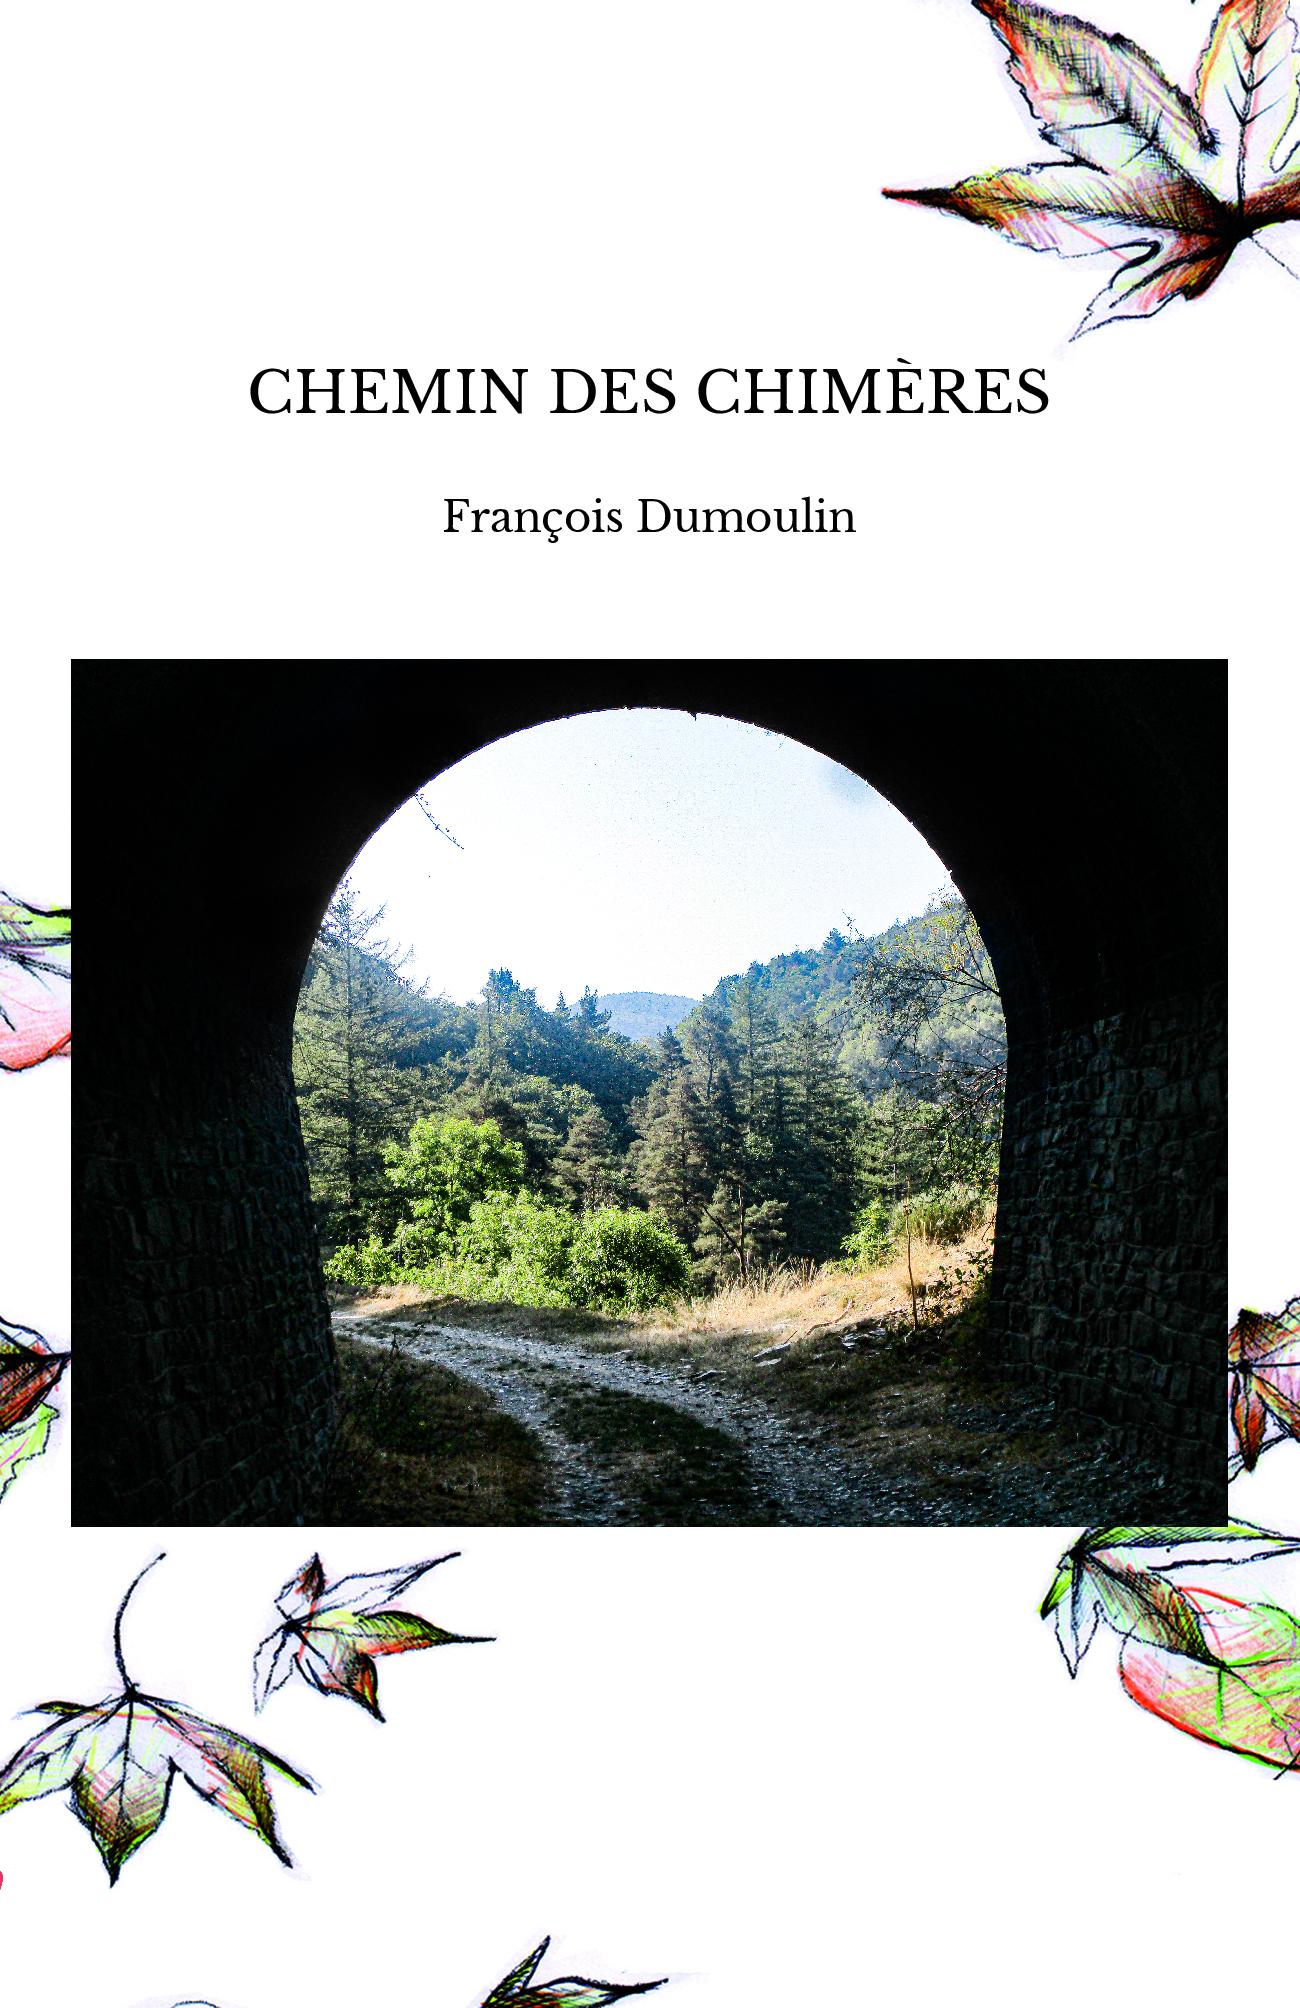 CHEMIN DES CHIMÈRES